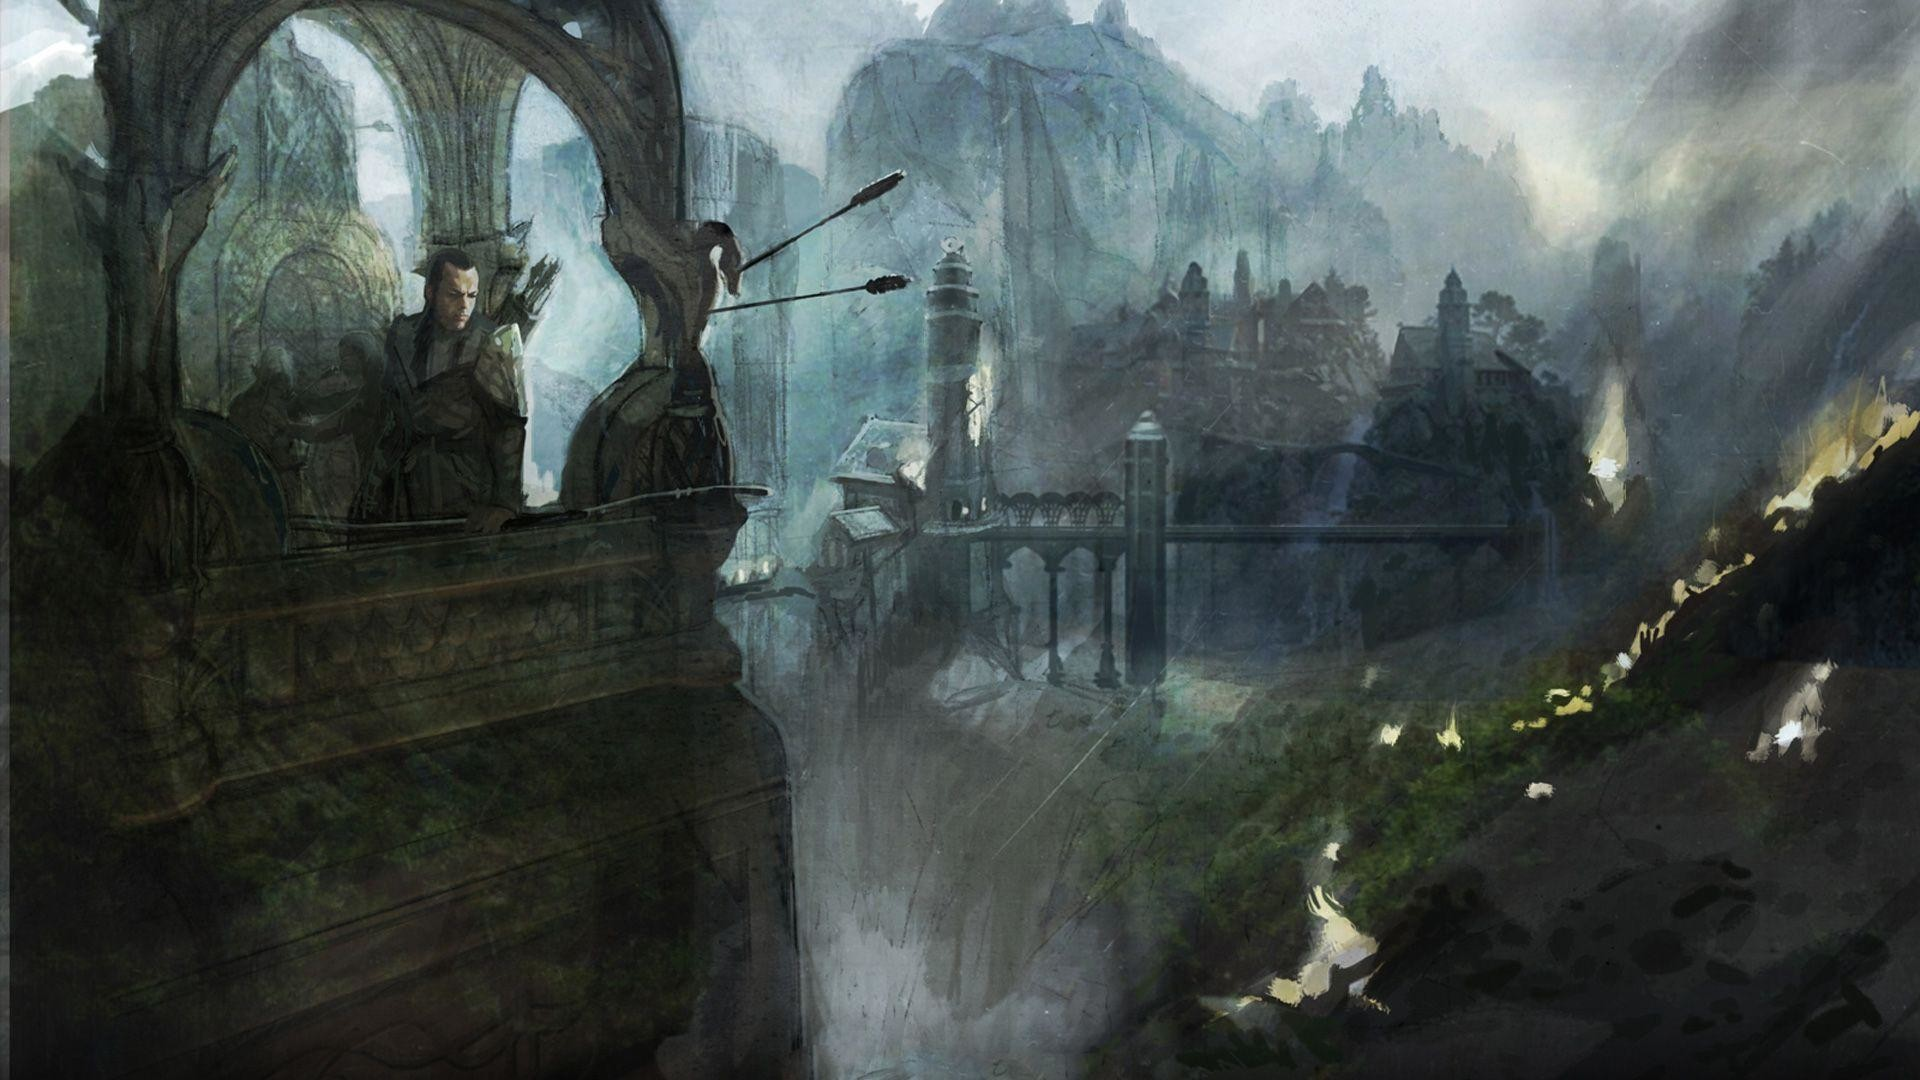 Mellonnen! Mo evínedh? … and new Sindarin in The Hobbit